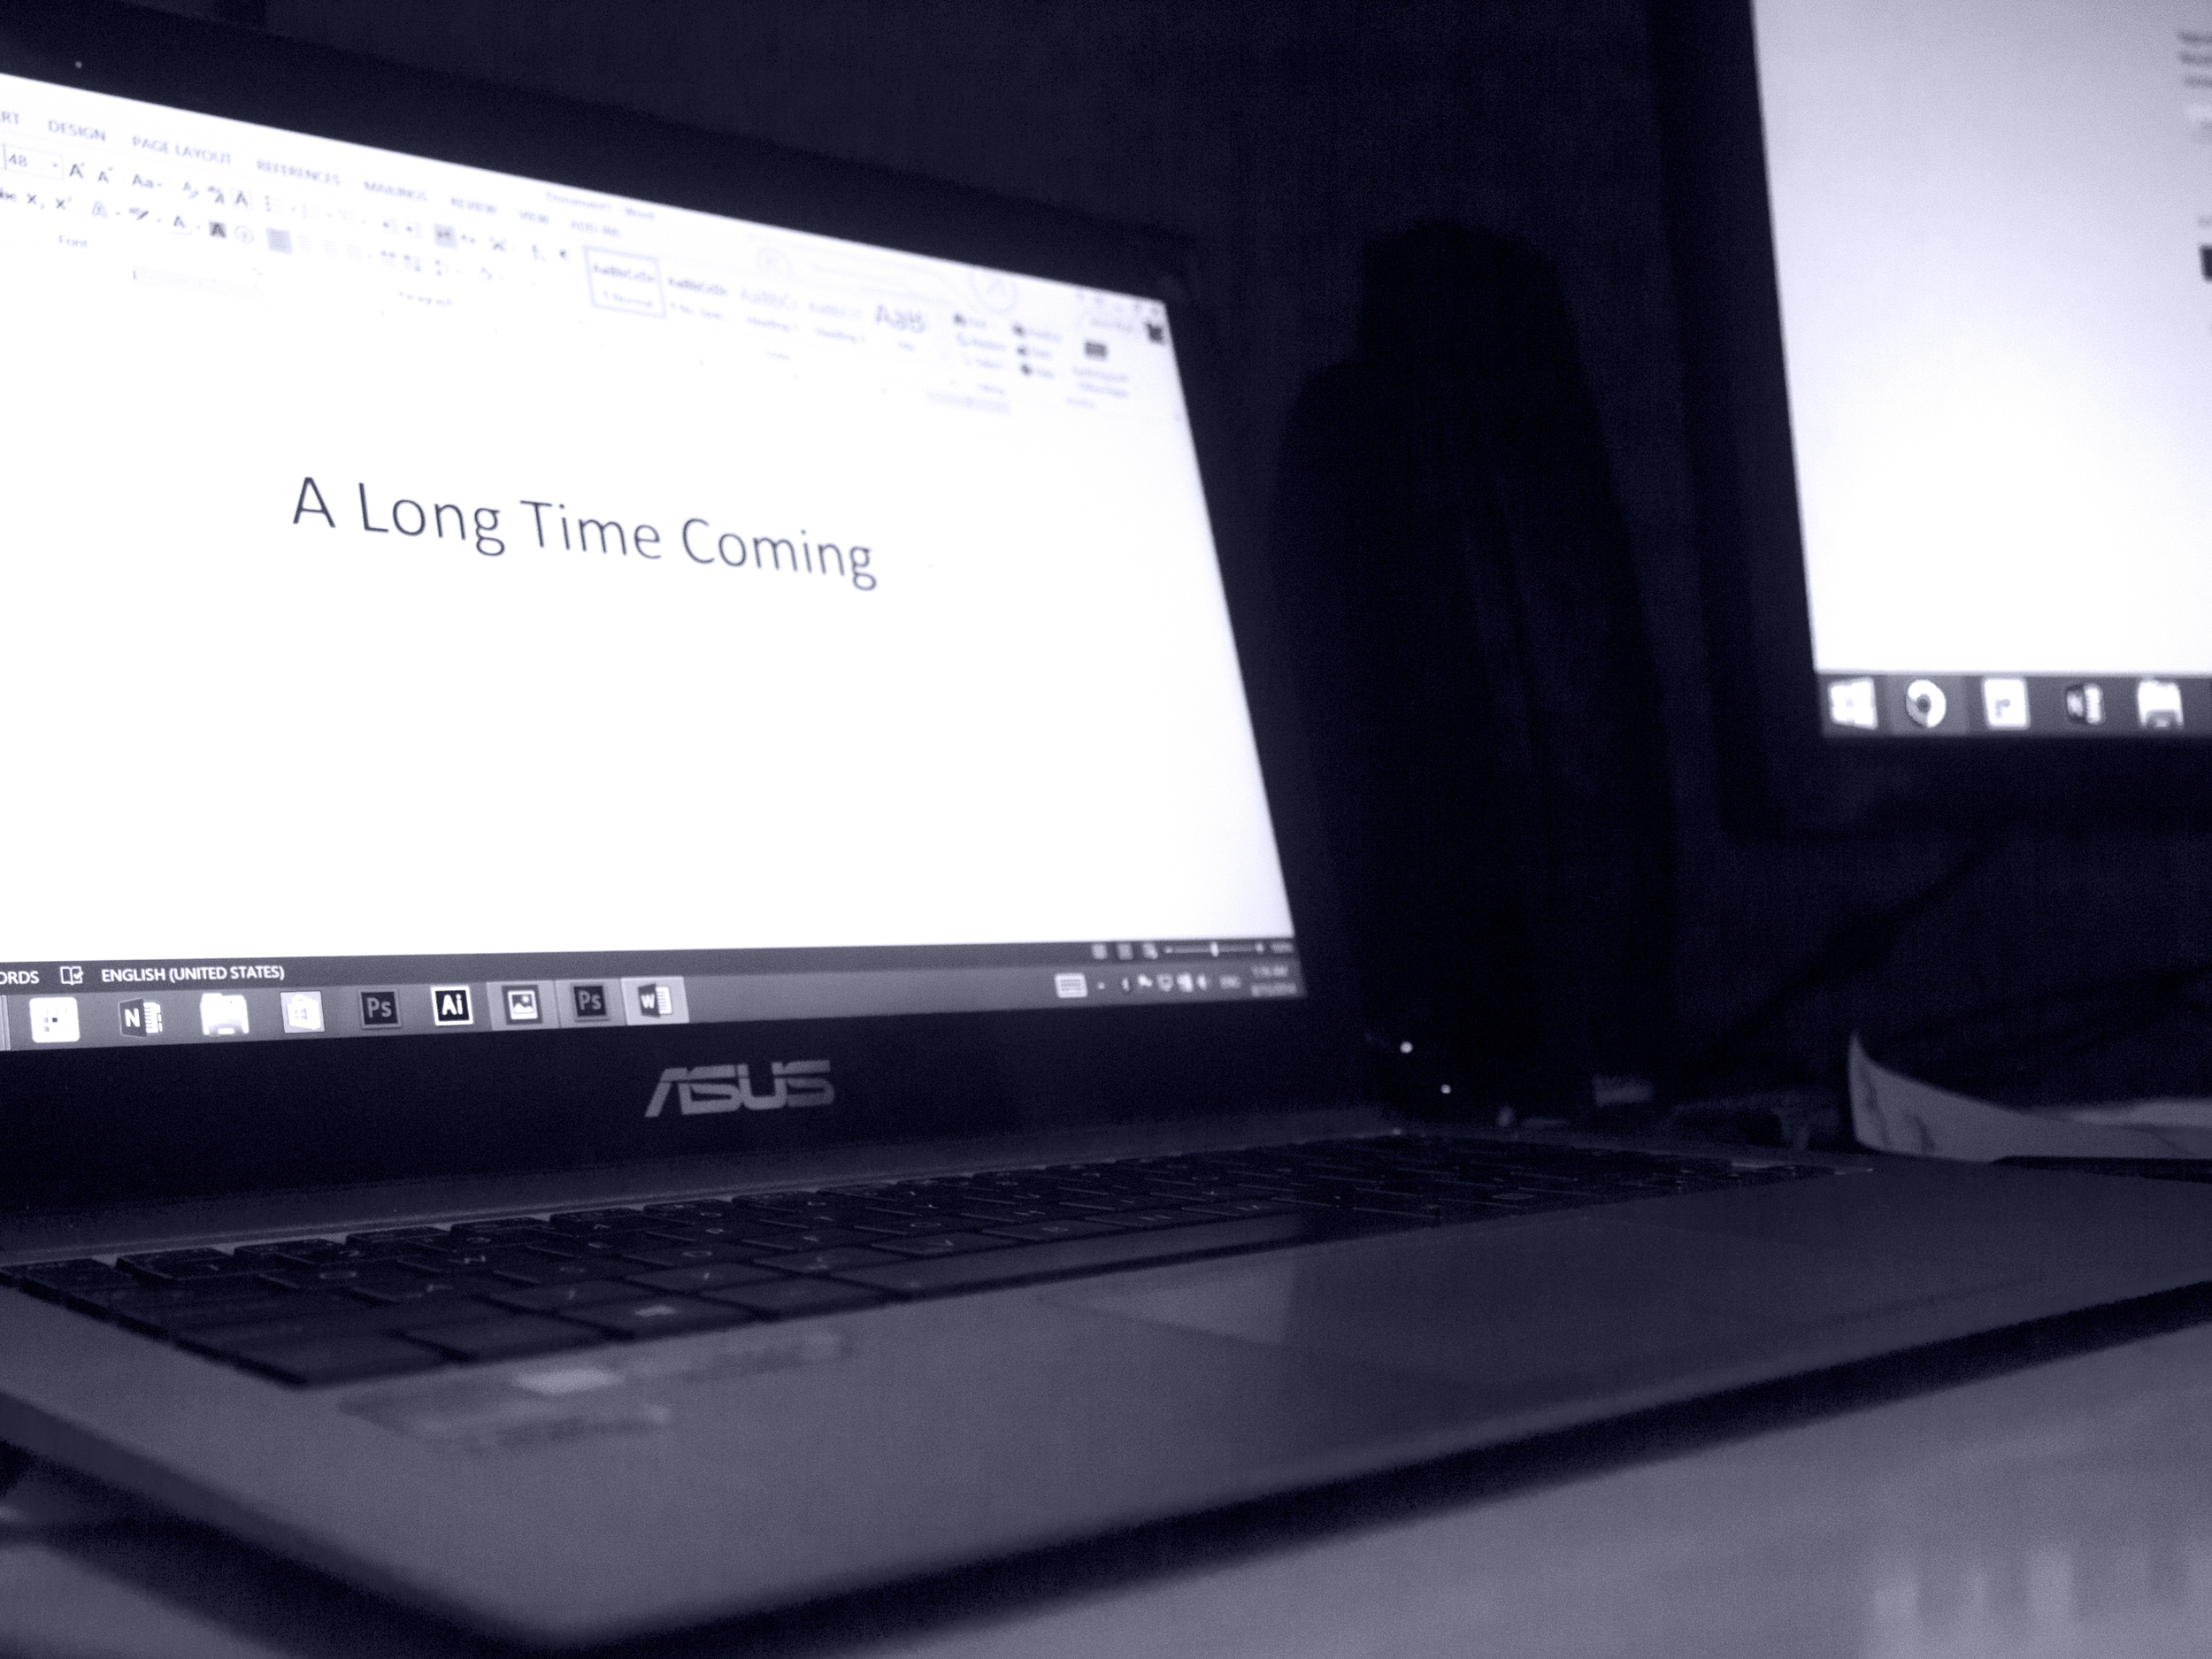 Jason Khoo - A Long Time Coming